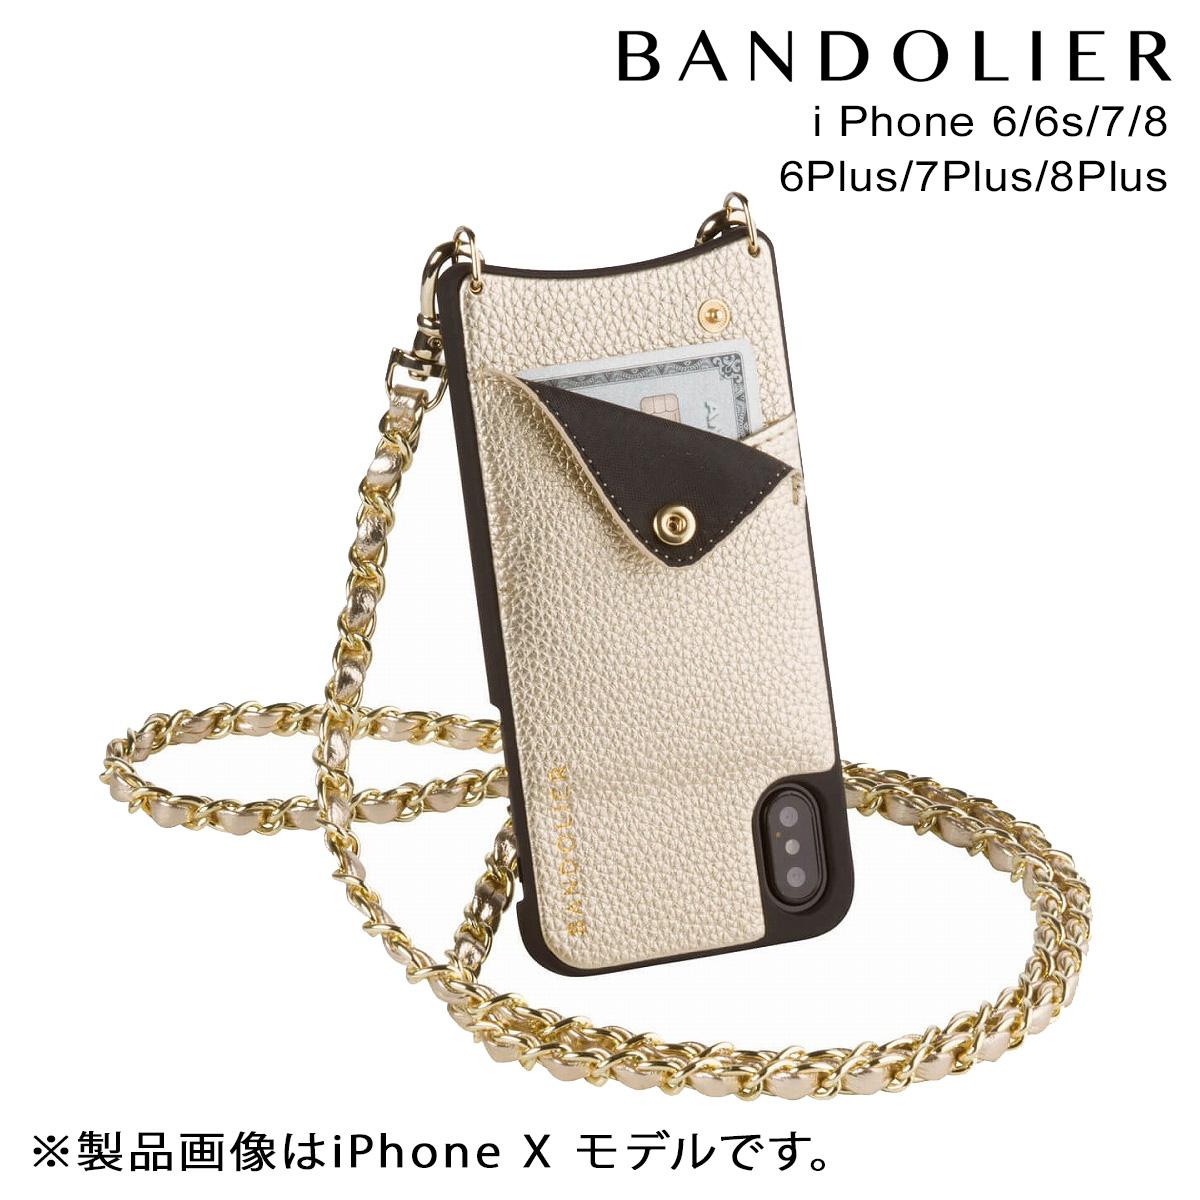 BANDOLIER LUCY RICH GOLD バンドリヤー iPhone8 iPhone7 7Plus 6s ケース スマホ アイフォン プラス メンズ レディース